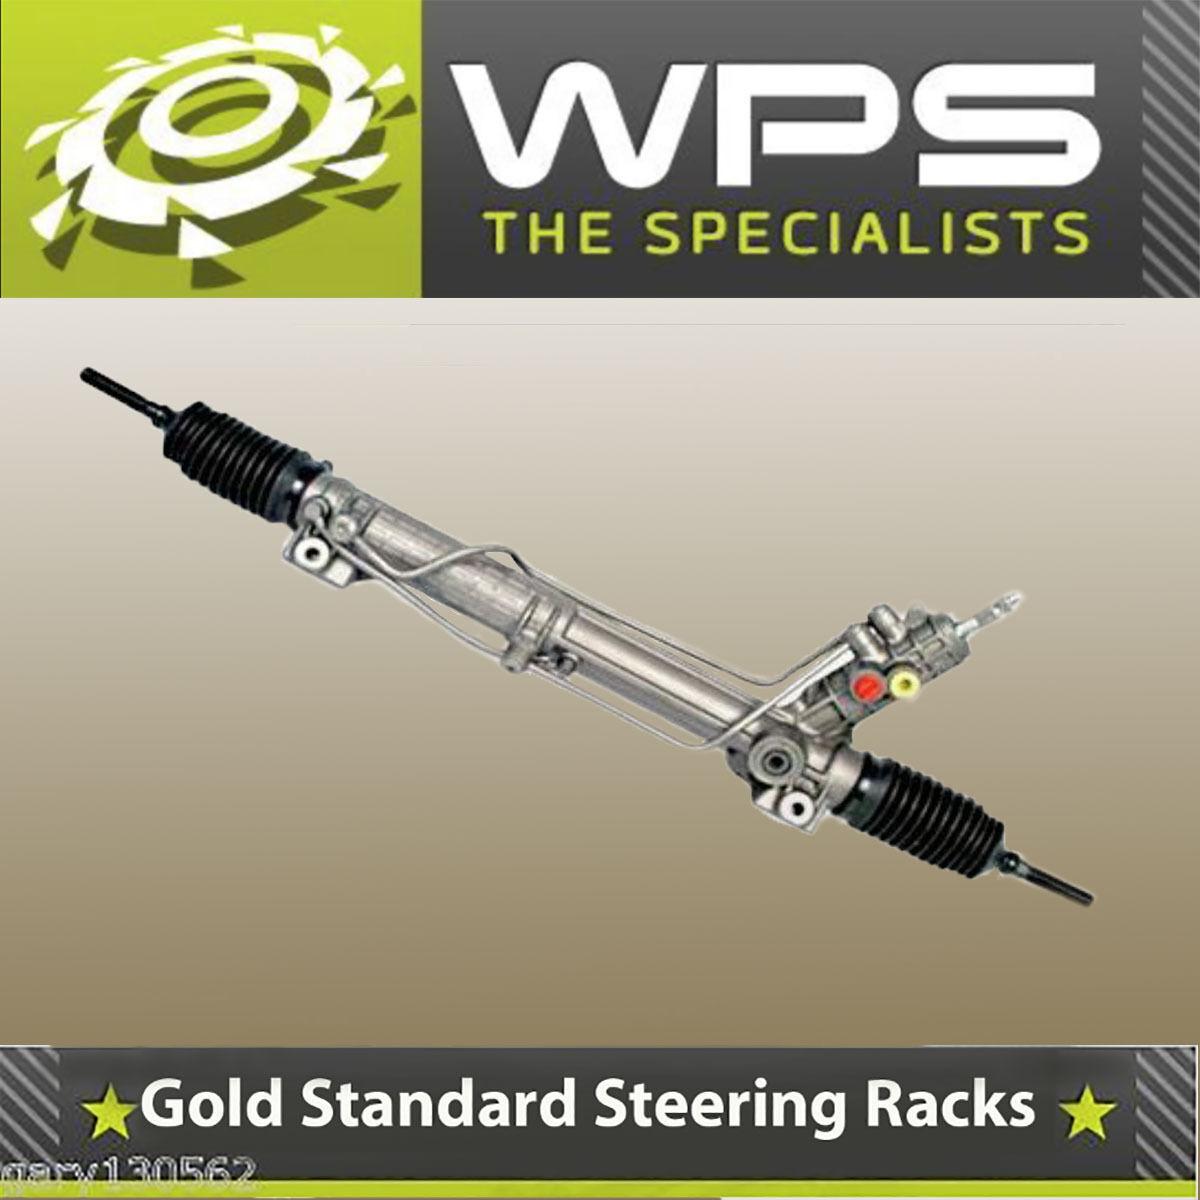 Ngk Spark Plug Sparking Part Ford Escort 68-80 Mk2 950 1300 Gt 1300 1100 1.3 1.1